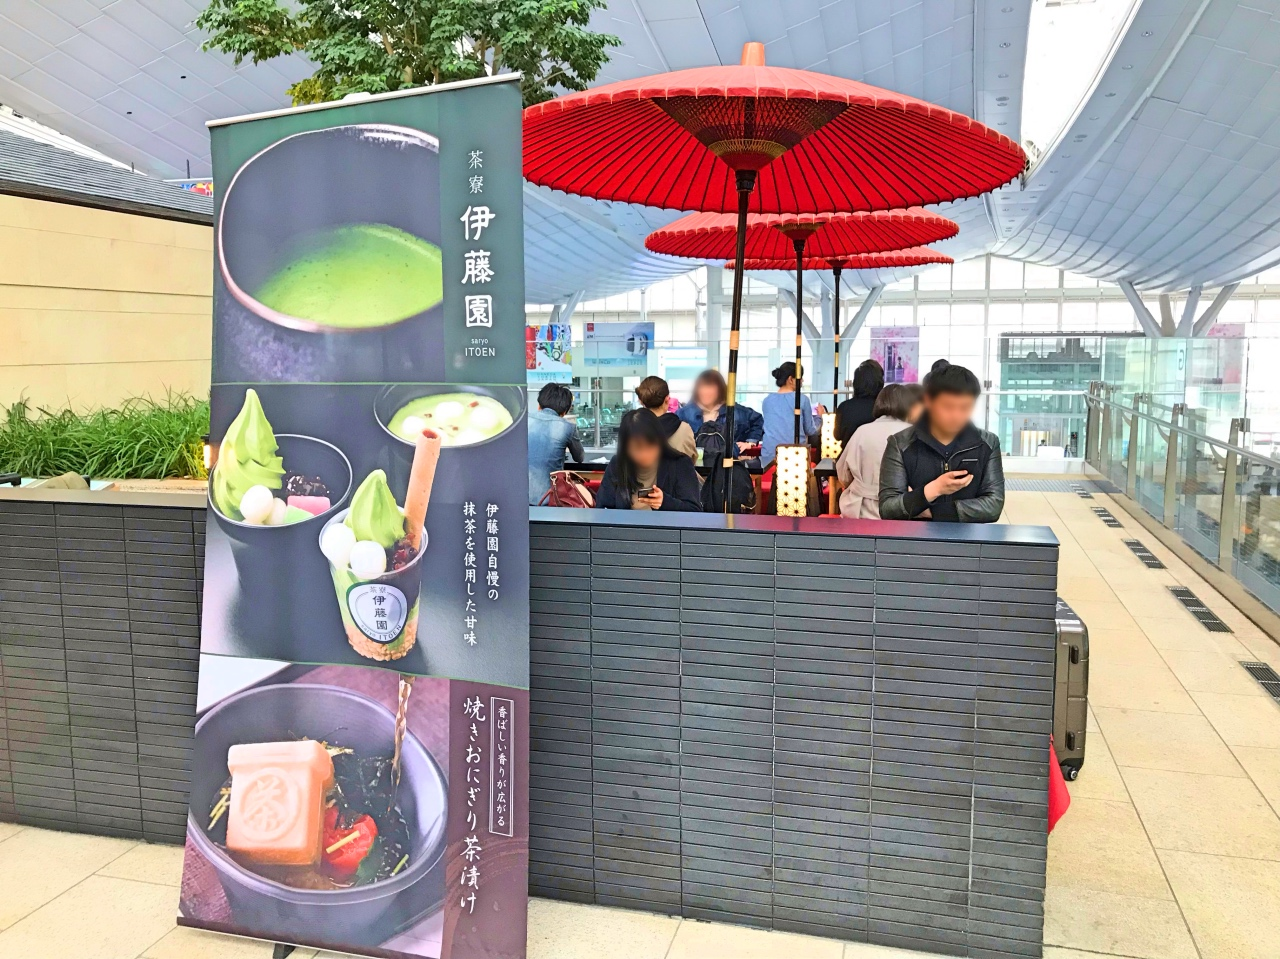 江戸小路レストラン26